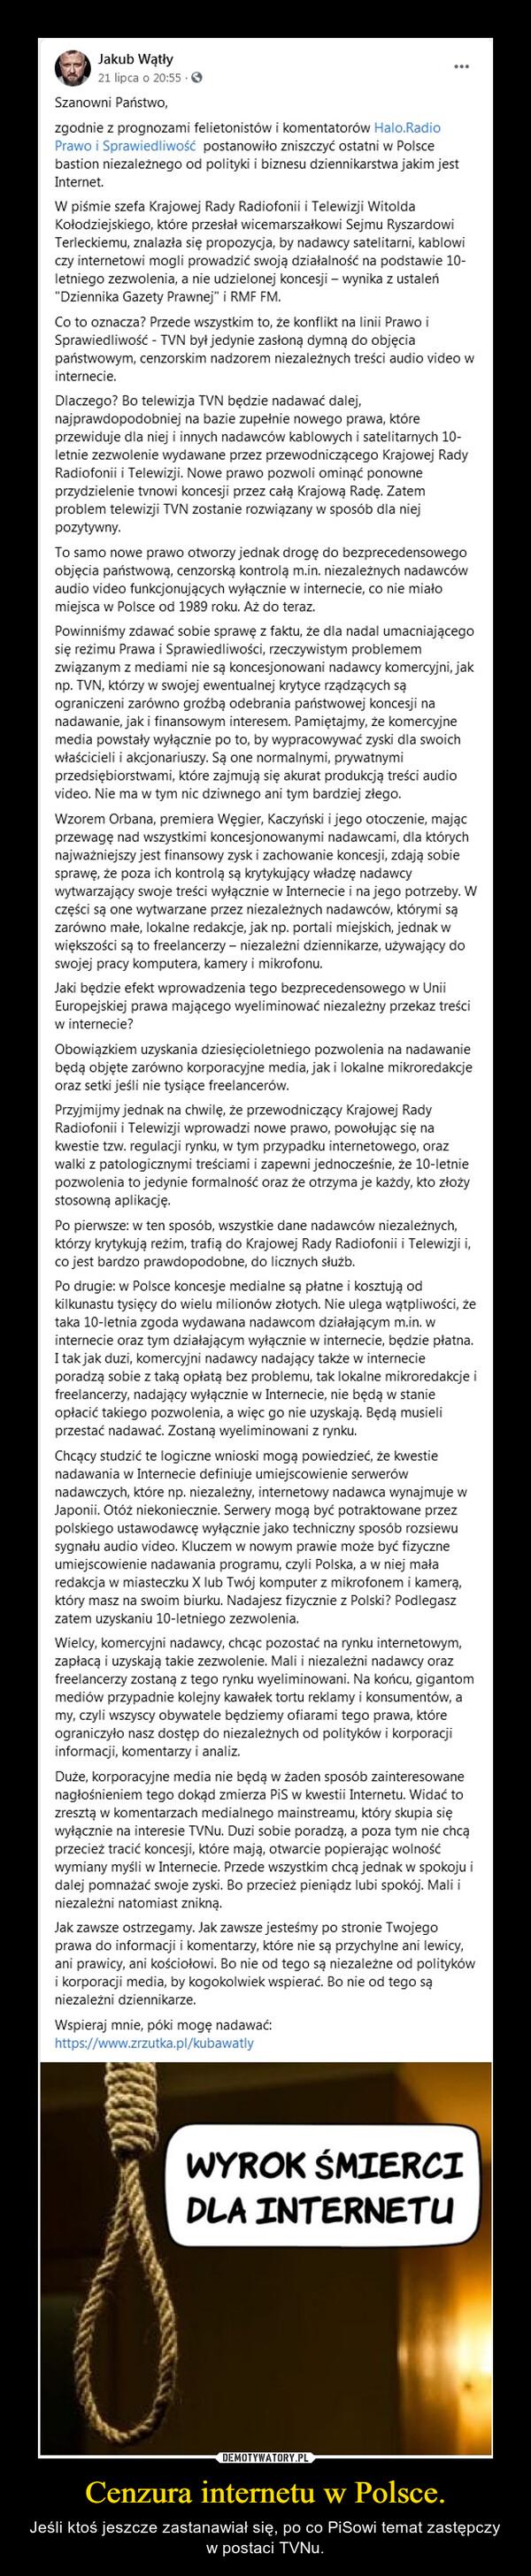 Cenzura internetu w Polsce. – Jeśli ktoś jeszcze zastanawiał się, po co PiSowi temat zastępczy w postaci TVNu.